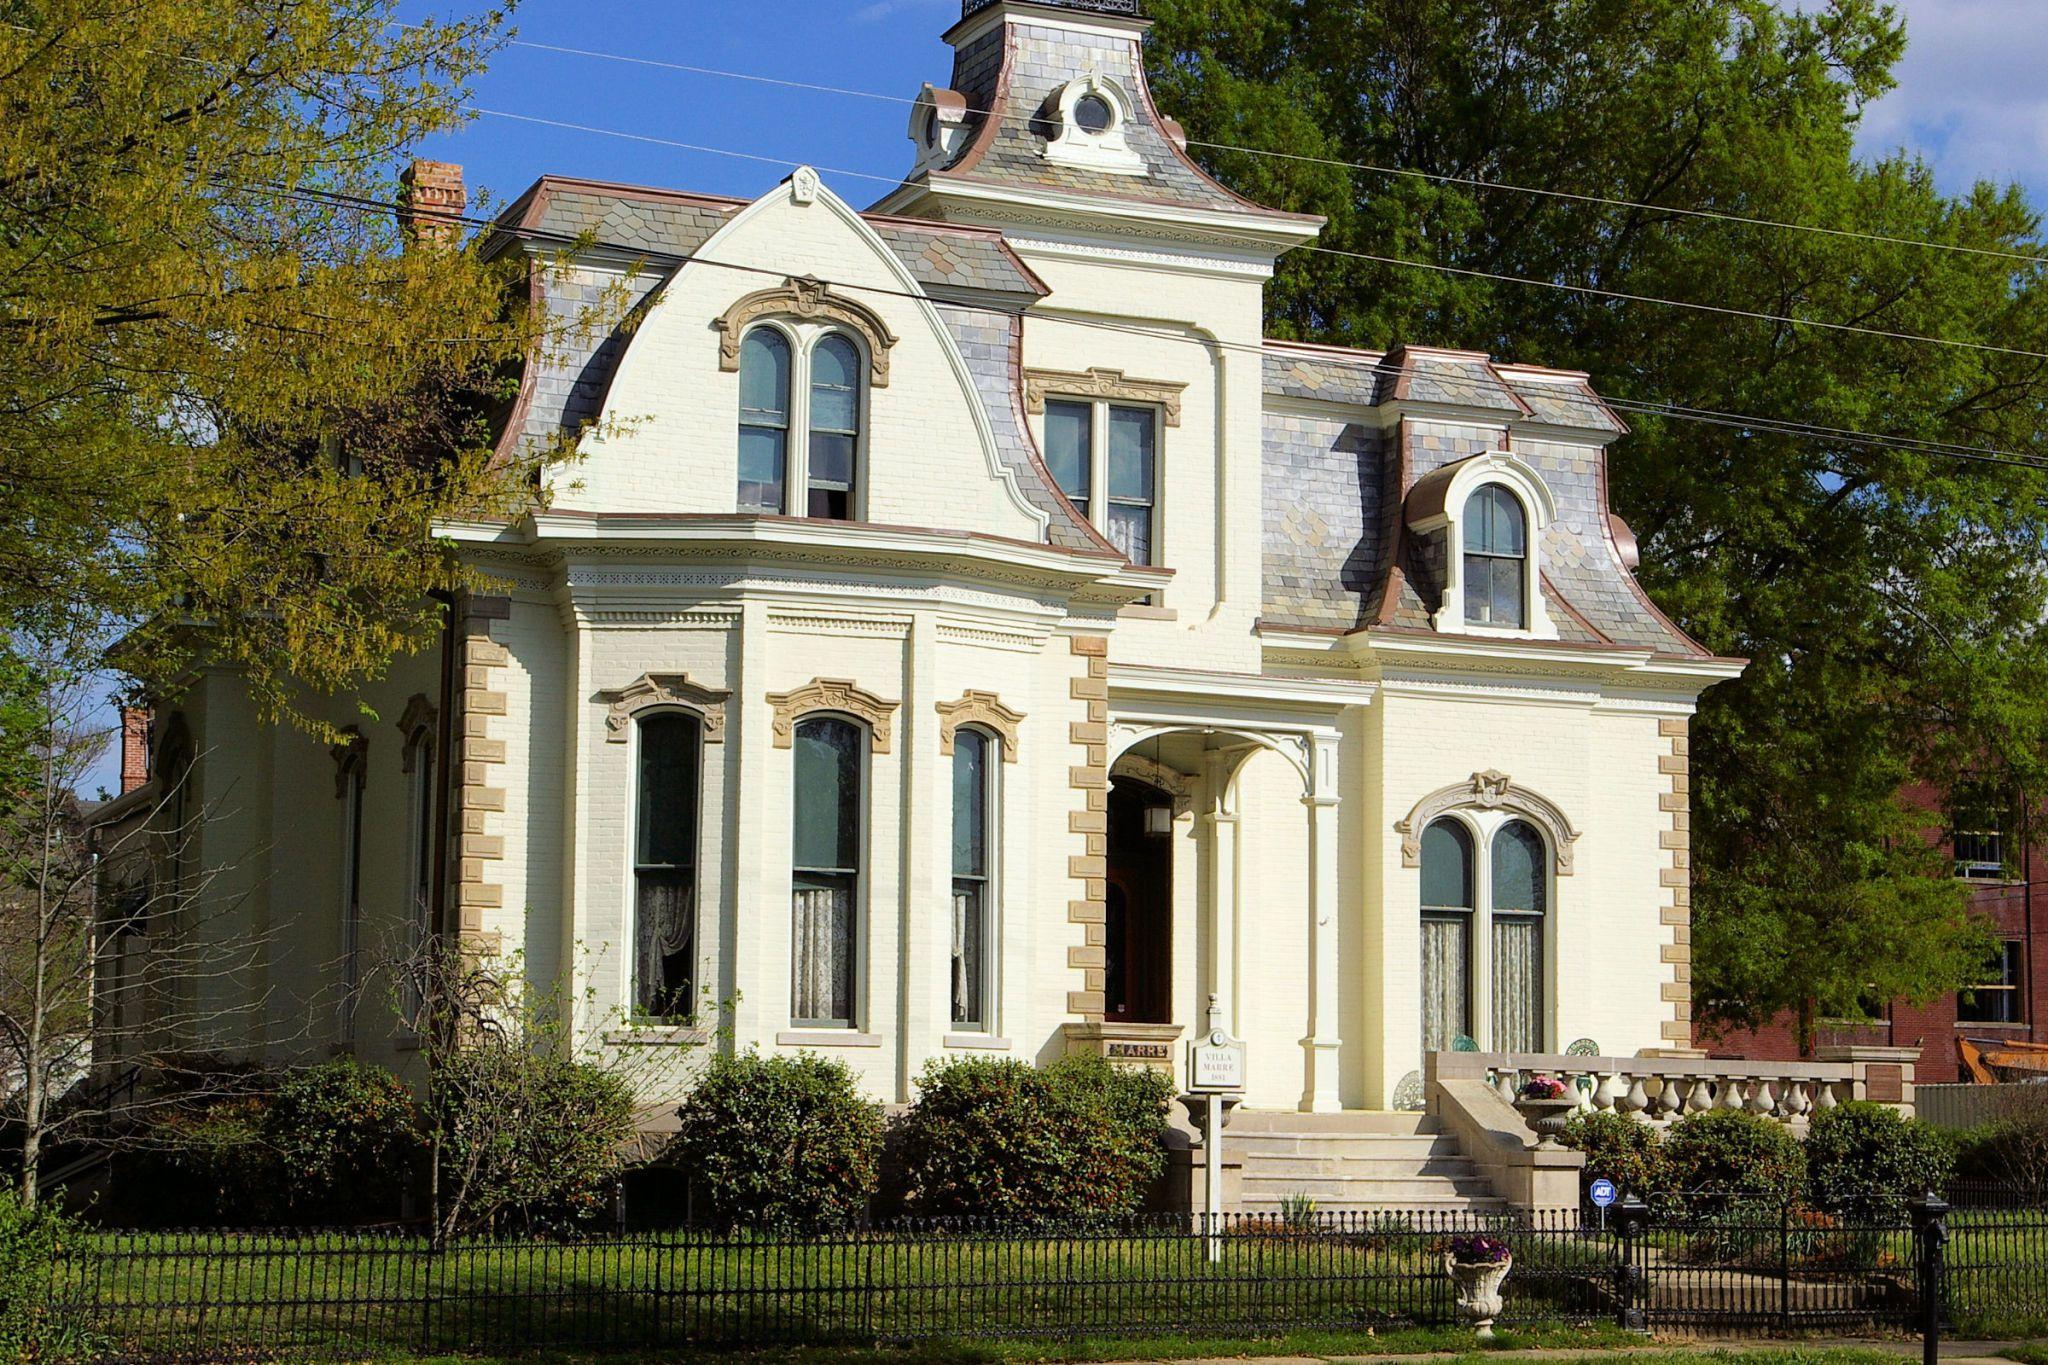 designing women house_1552629482428.jpg.jpg